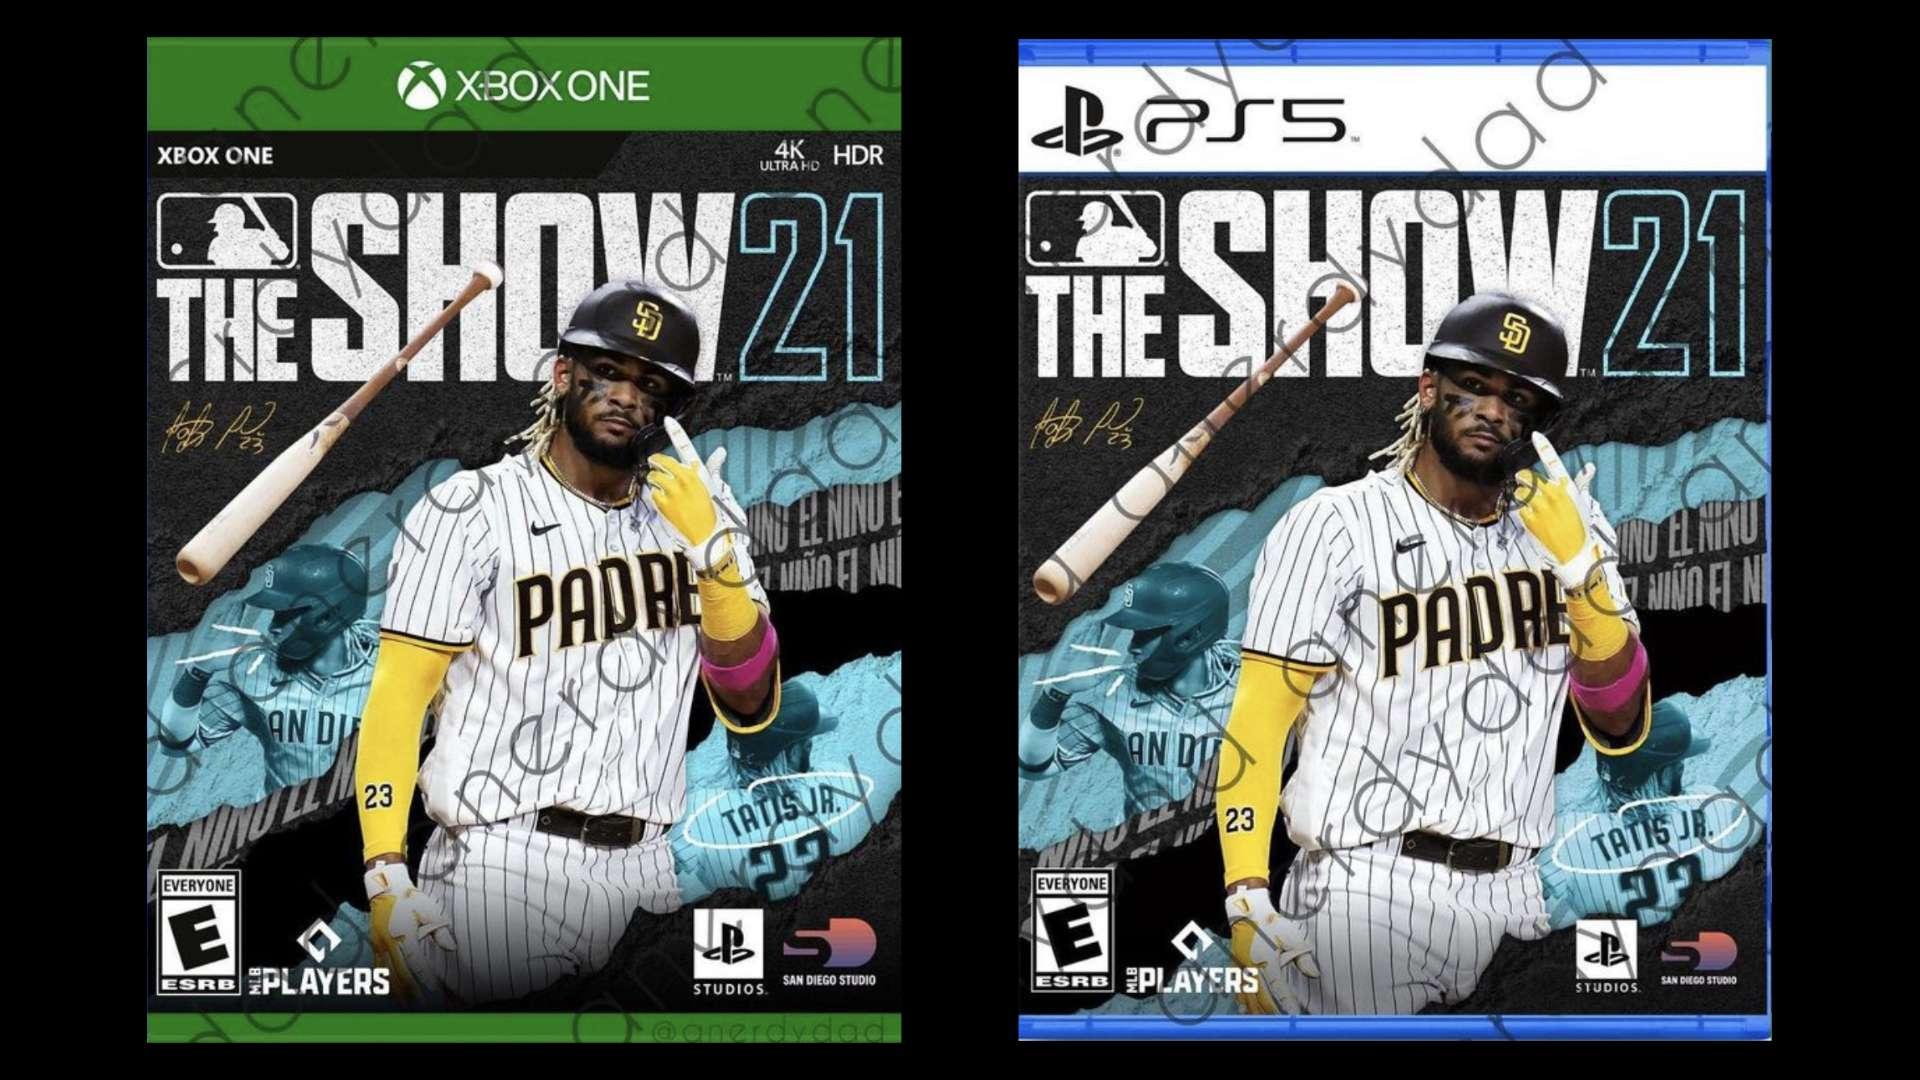 39a596c509dd1baf1008133b48dc8040 - لعبة MLB The Show 21 تحصل على عرض ترويجي و موعد إطلاق في 20 إبريل